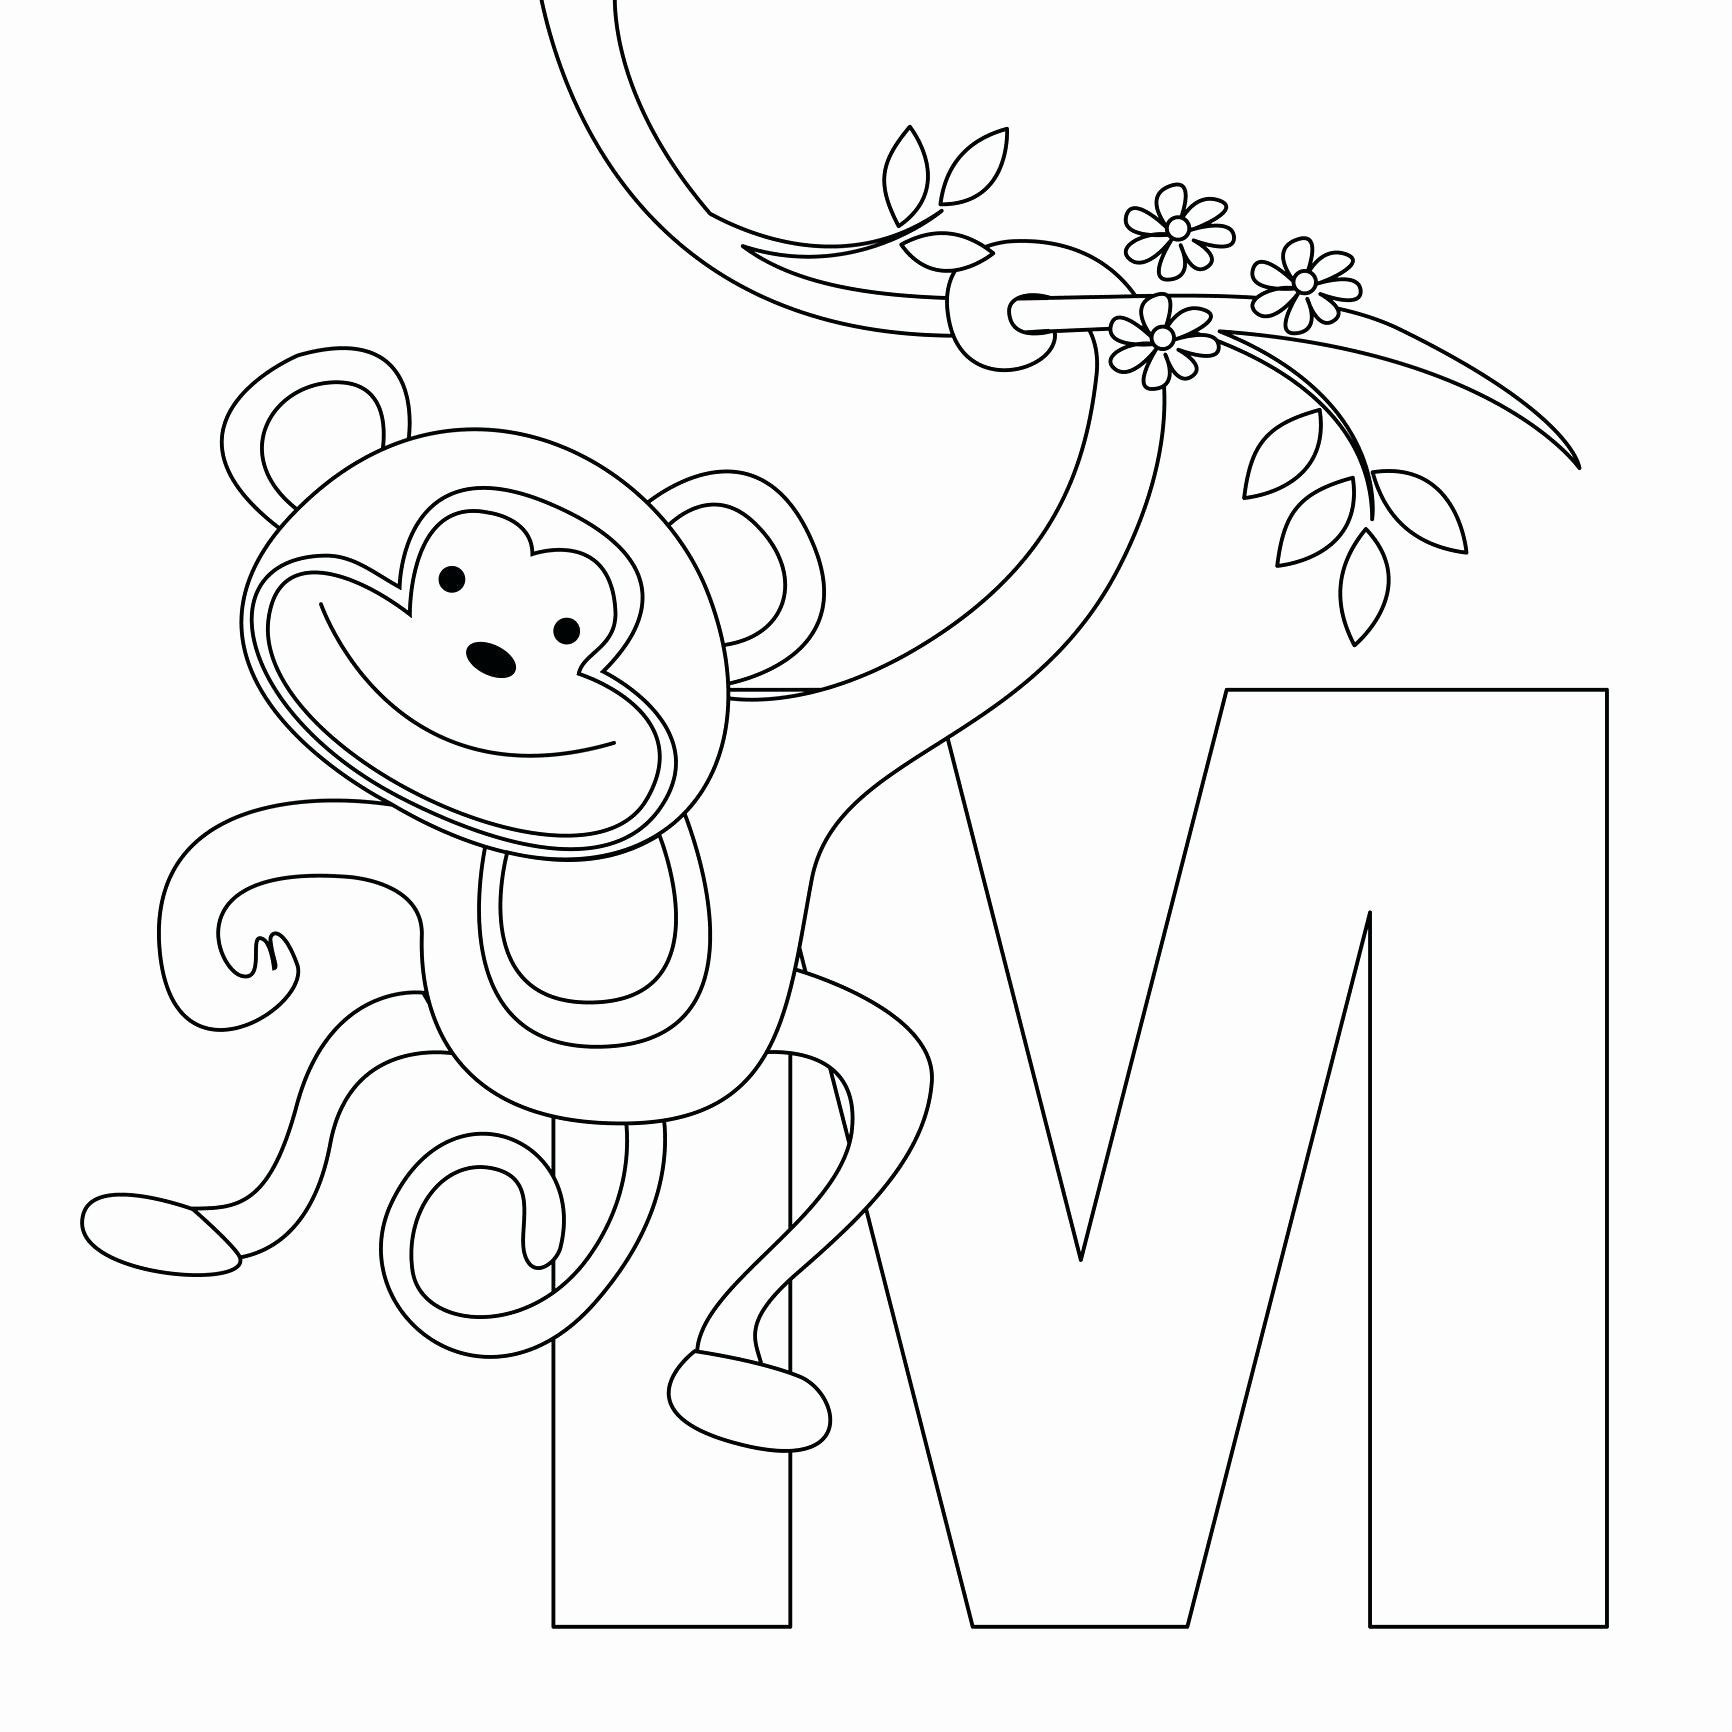 Alphabet Coloring Pages Pdf Elegant Letter M Preschool Worksheets Alphabet Coloring Pages Monkey Coloring Pages Monster Coloring Pages Alphabet Coloring Pages